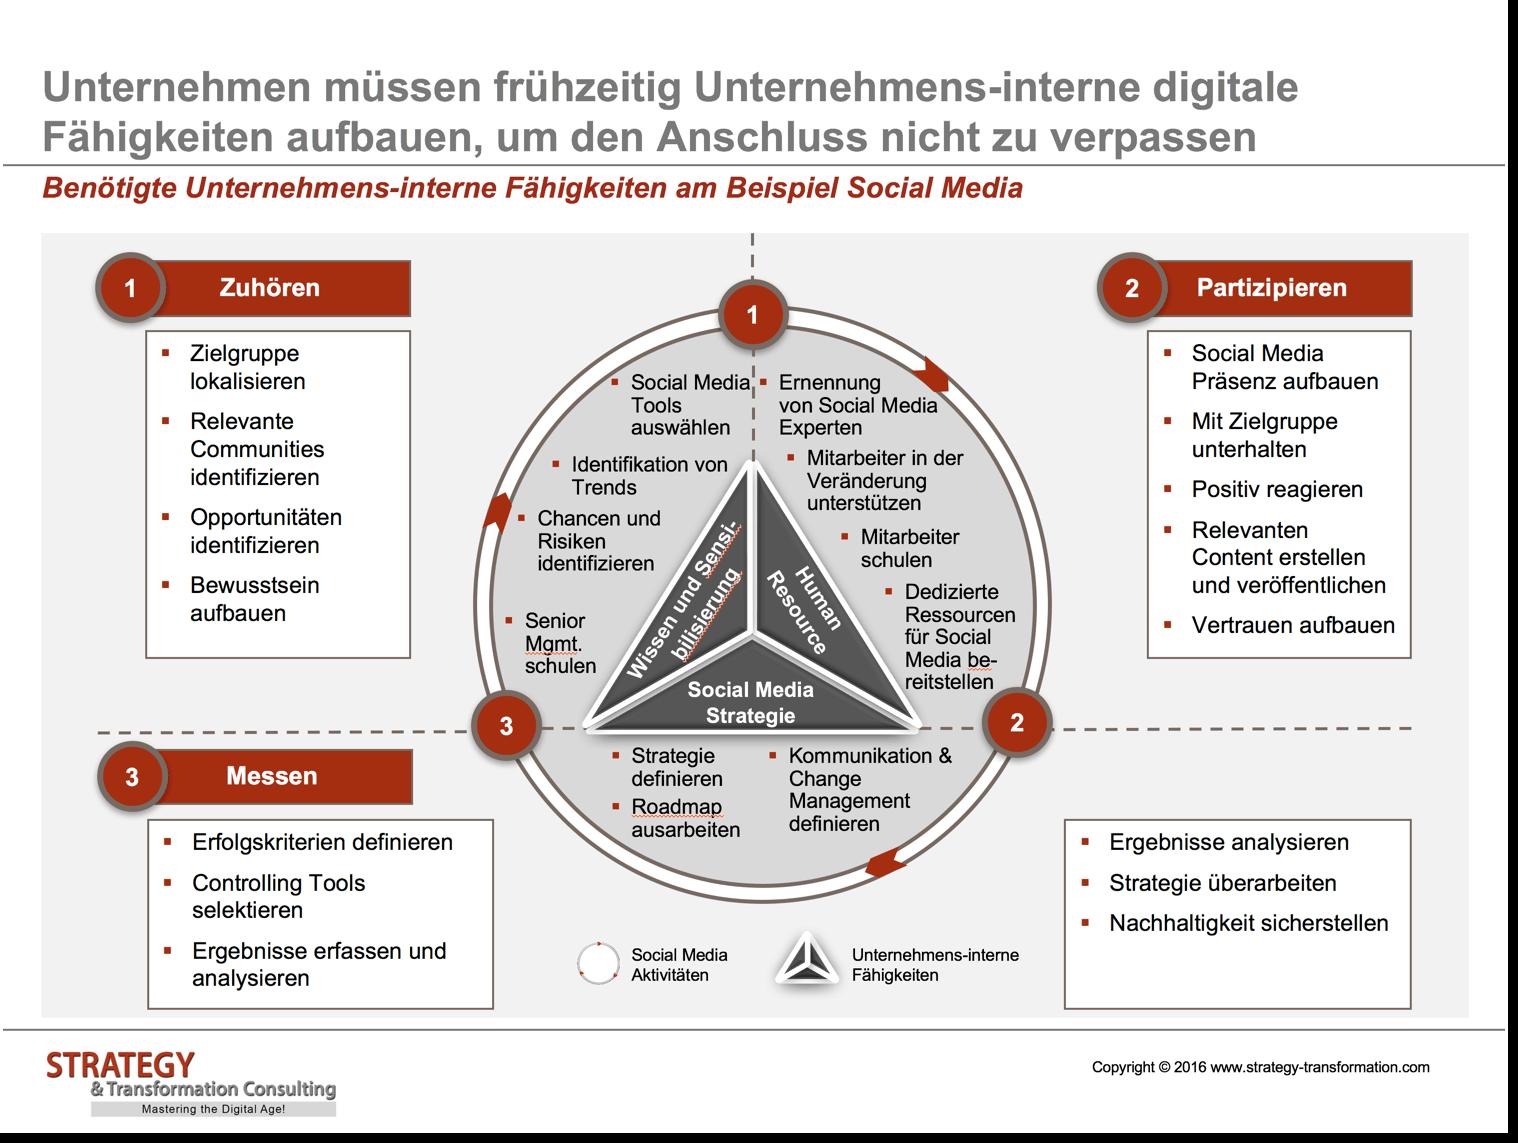 Benötigte Unternehmens-interne digitale Fähigkeiten